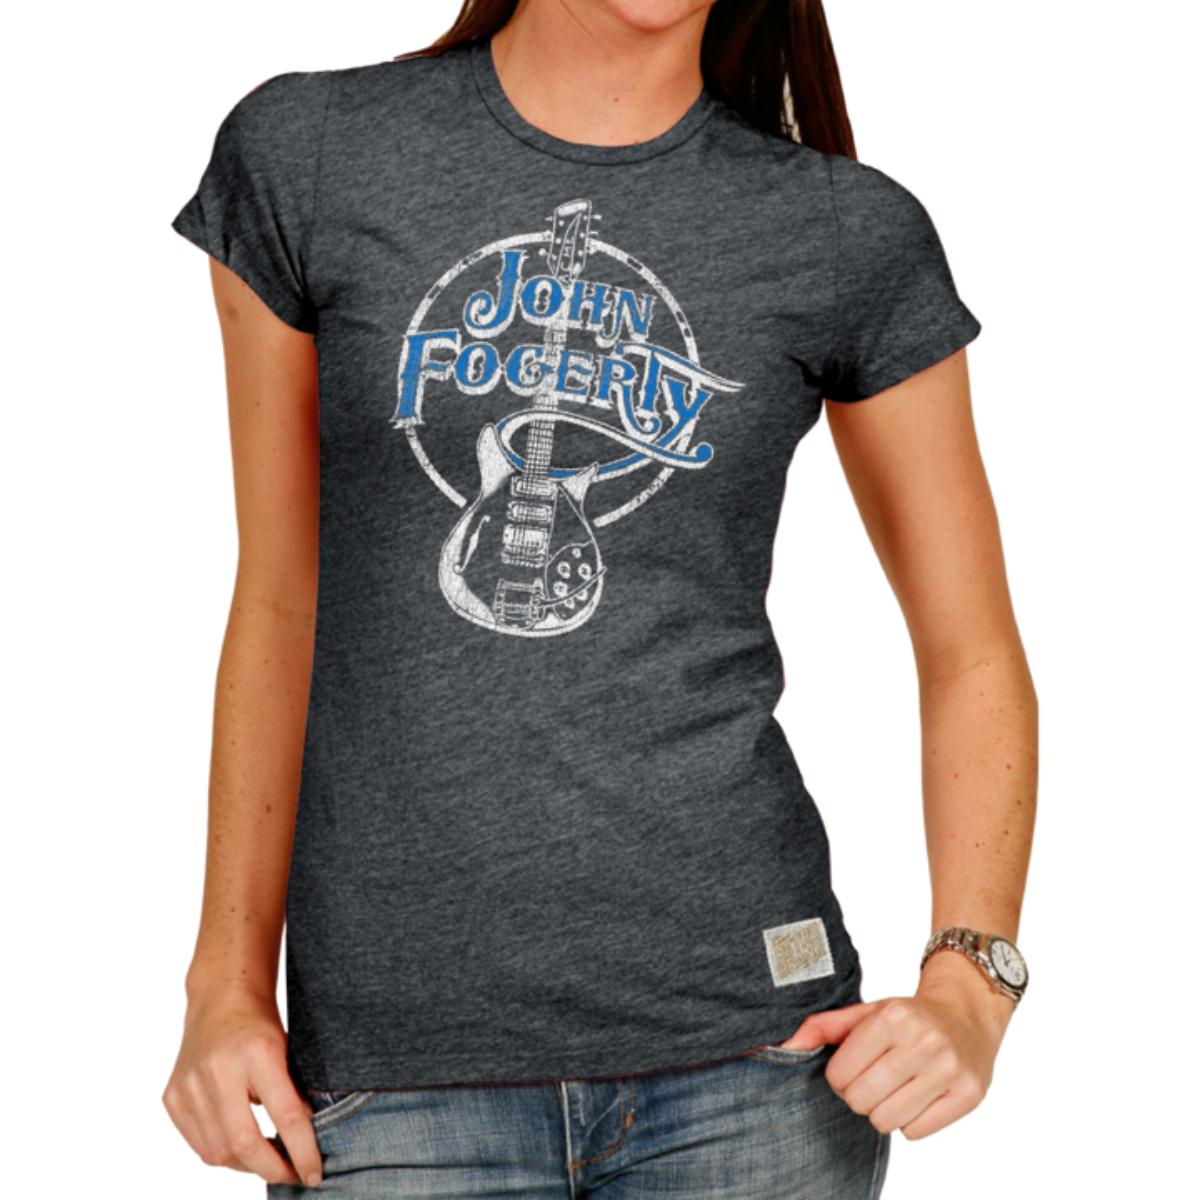 Fogerty Guitar  Ladies T-Shirt